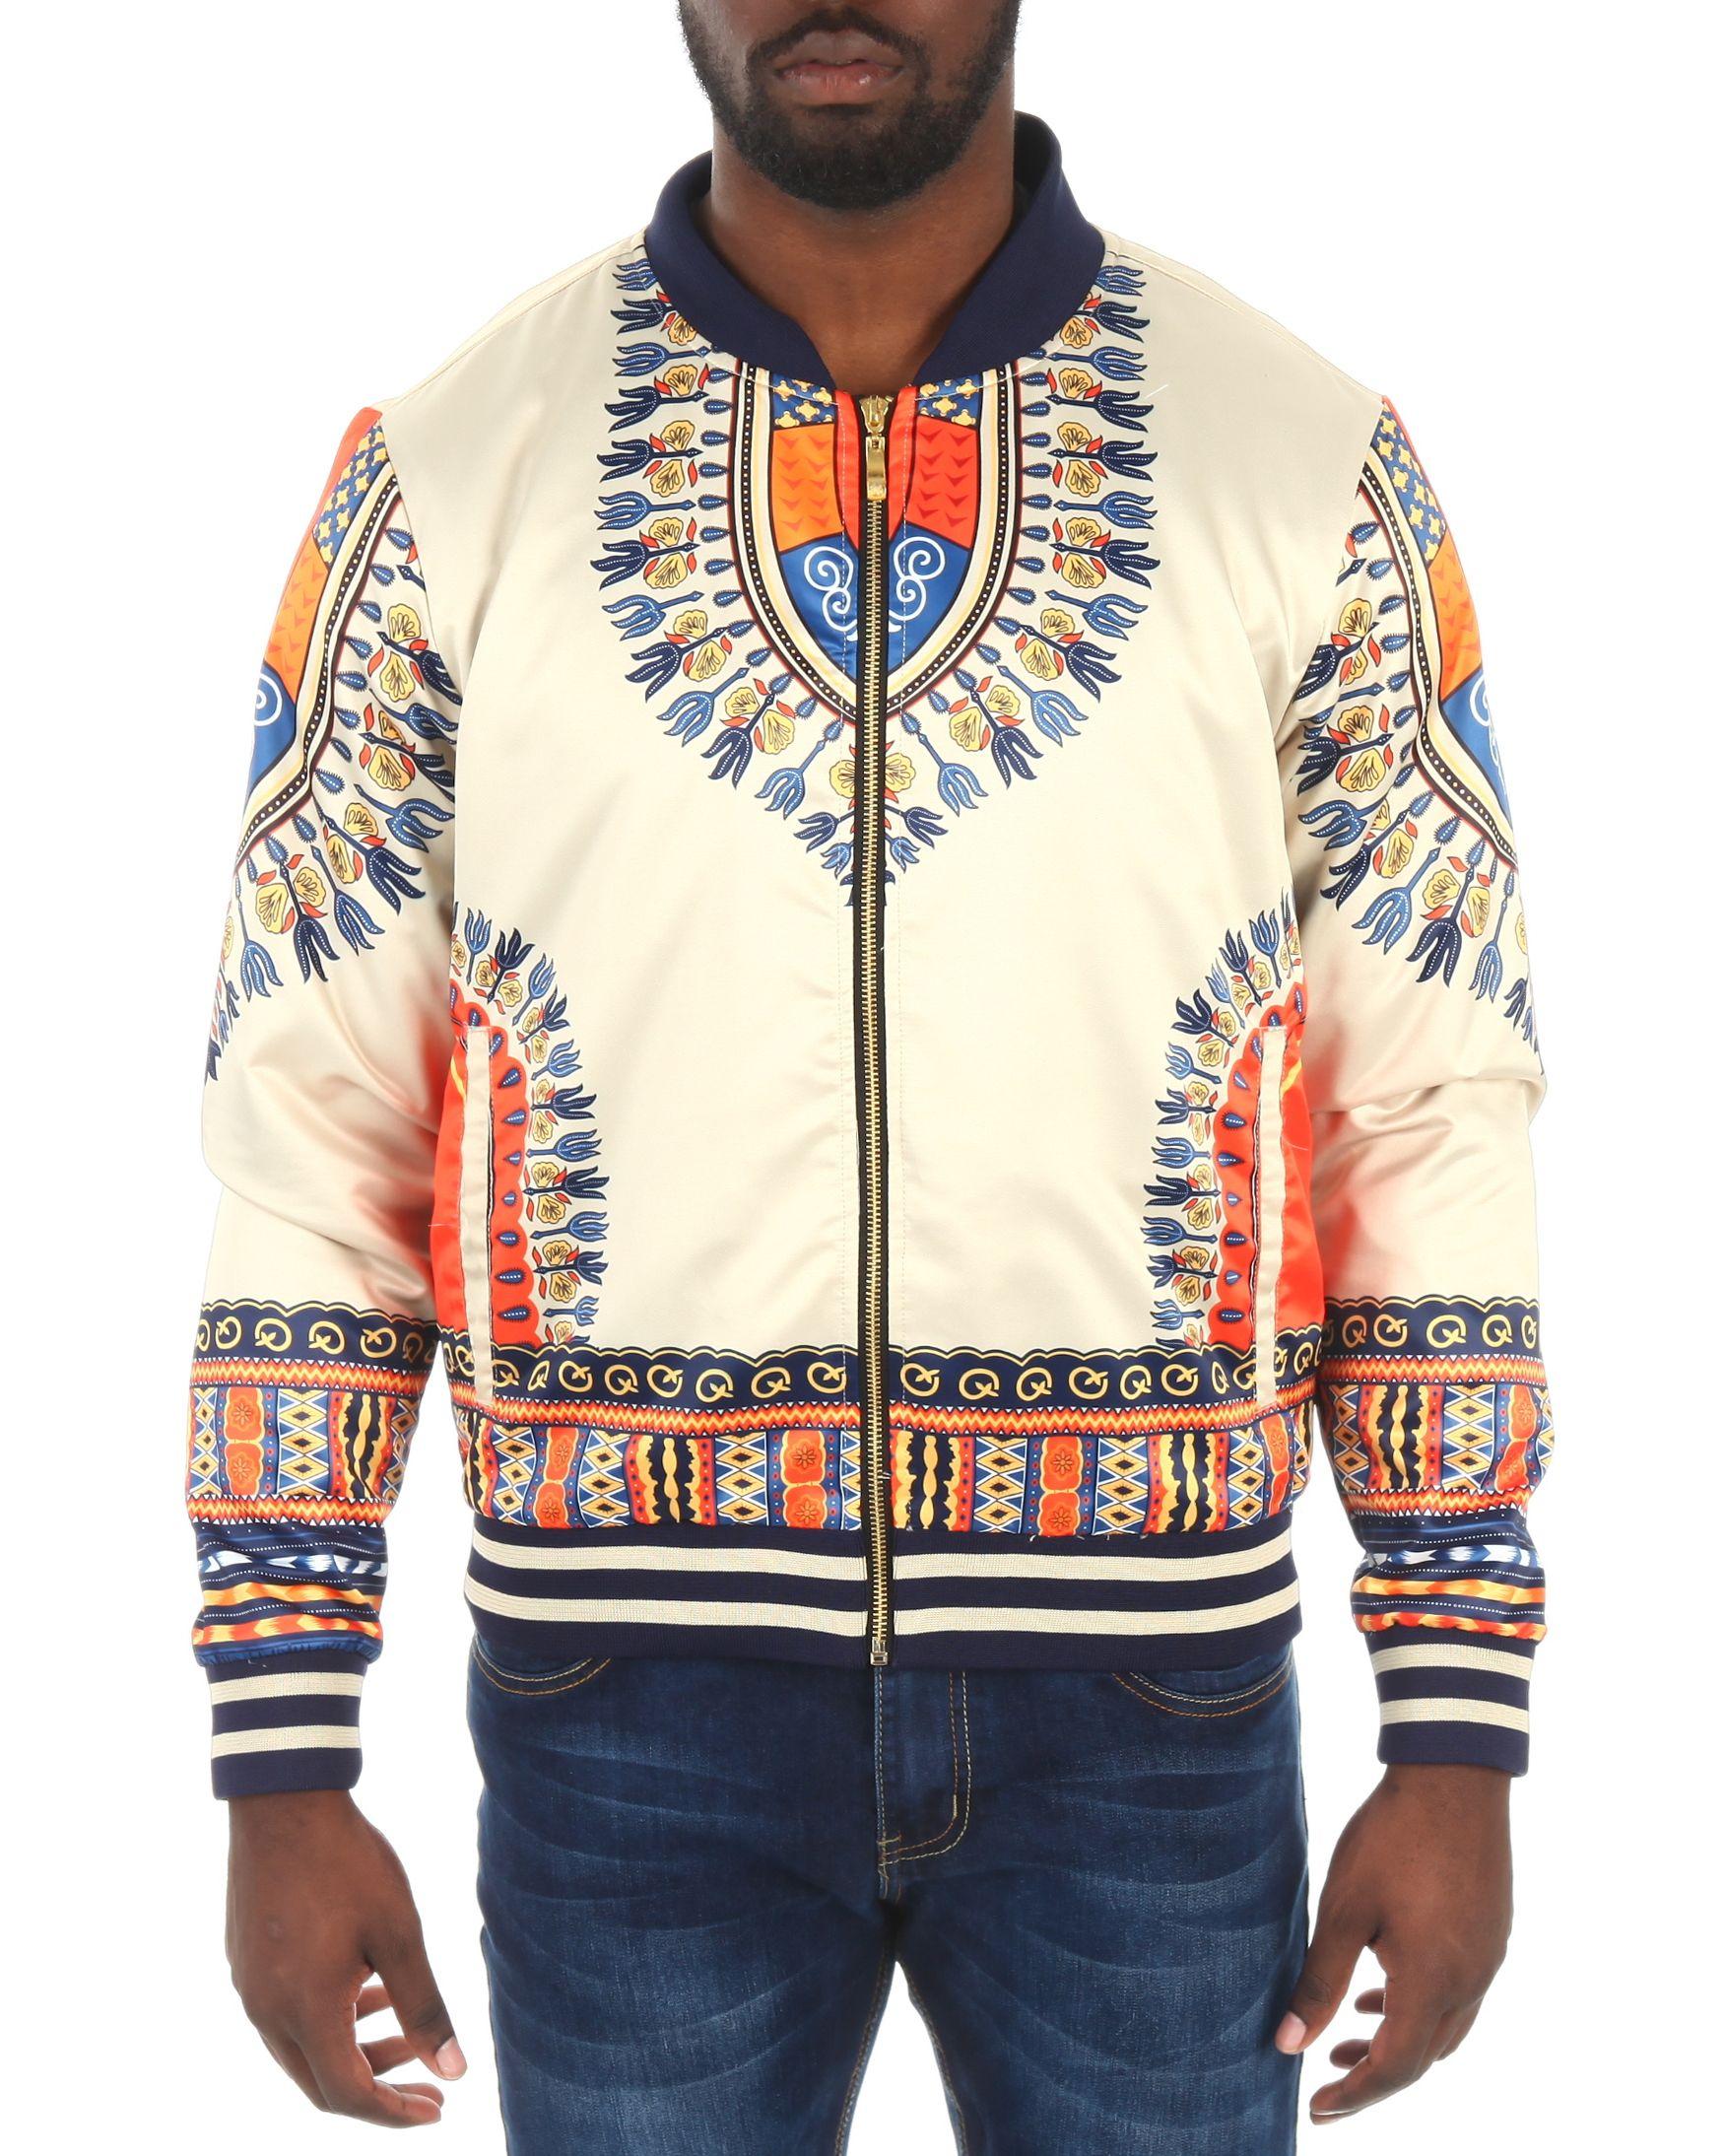 Buy Oakbay Dashiki Satin Bomber Jacket Men S Outerwear From Oakbay Find Oakbay Fashions More At Drjays Jackets Satin Bomber Jacket Satin Bomber Jacket Mens [ 2188 x 1750 Pixel ]